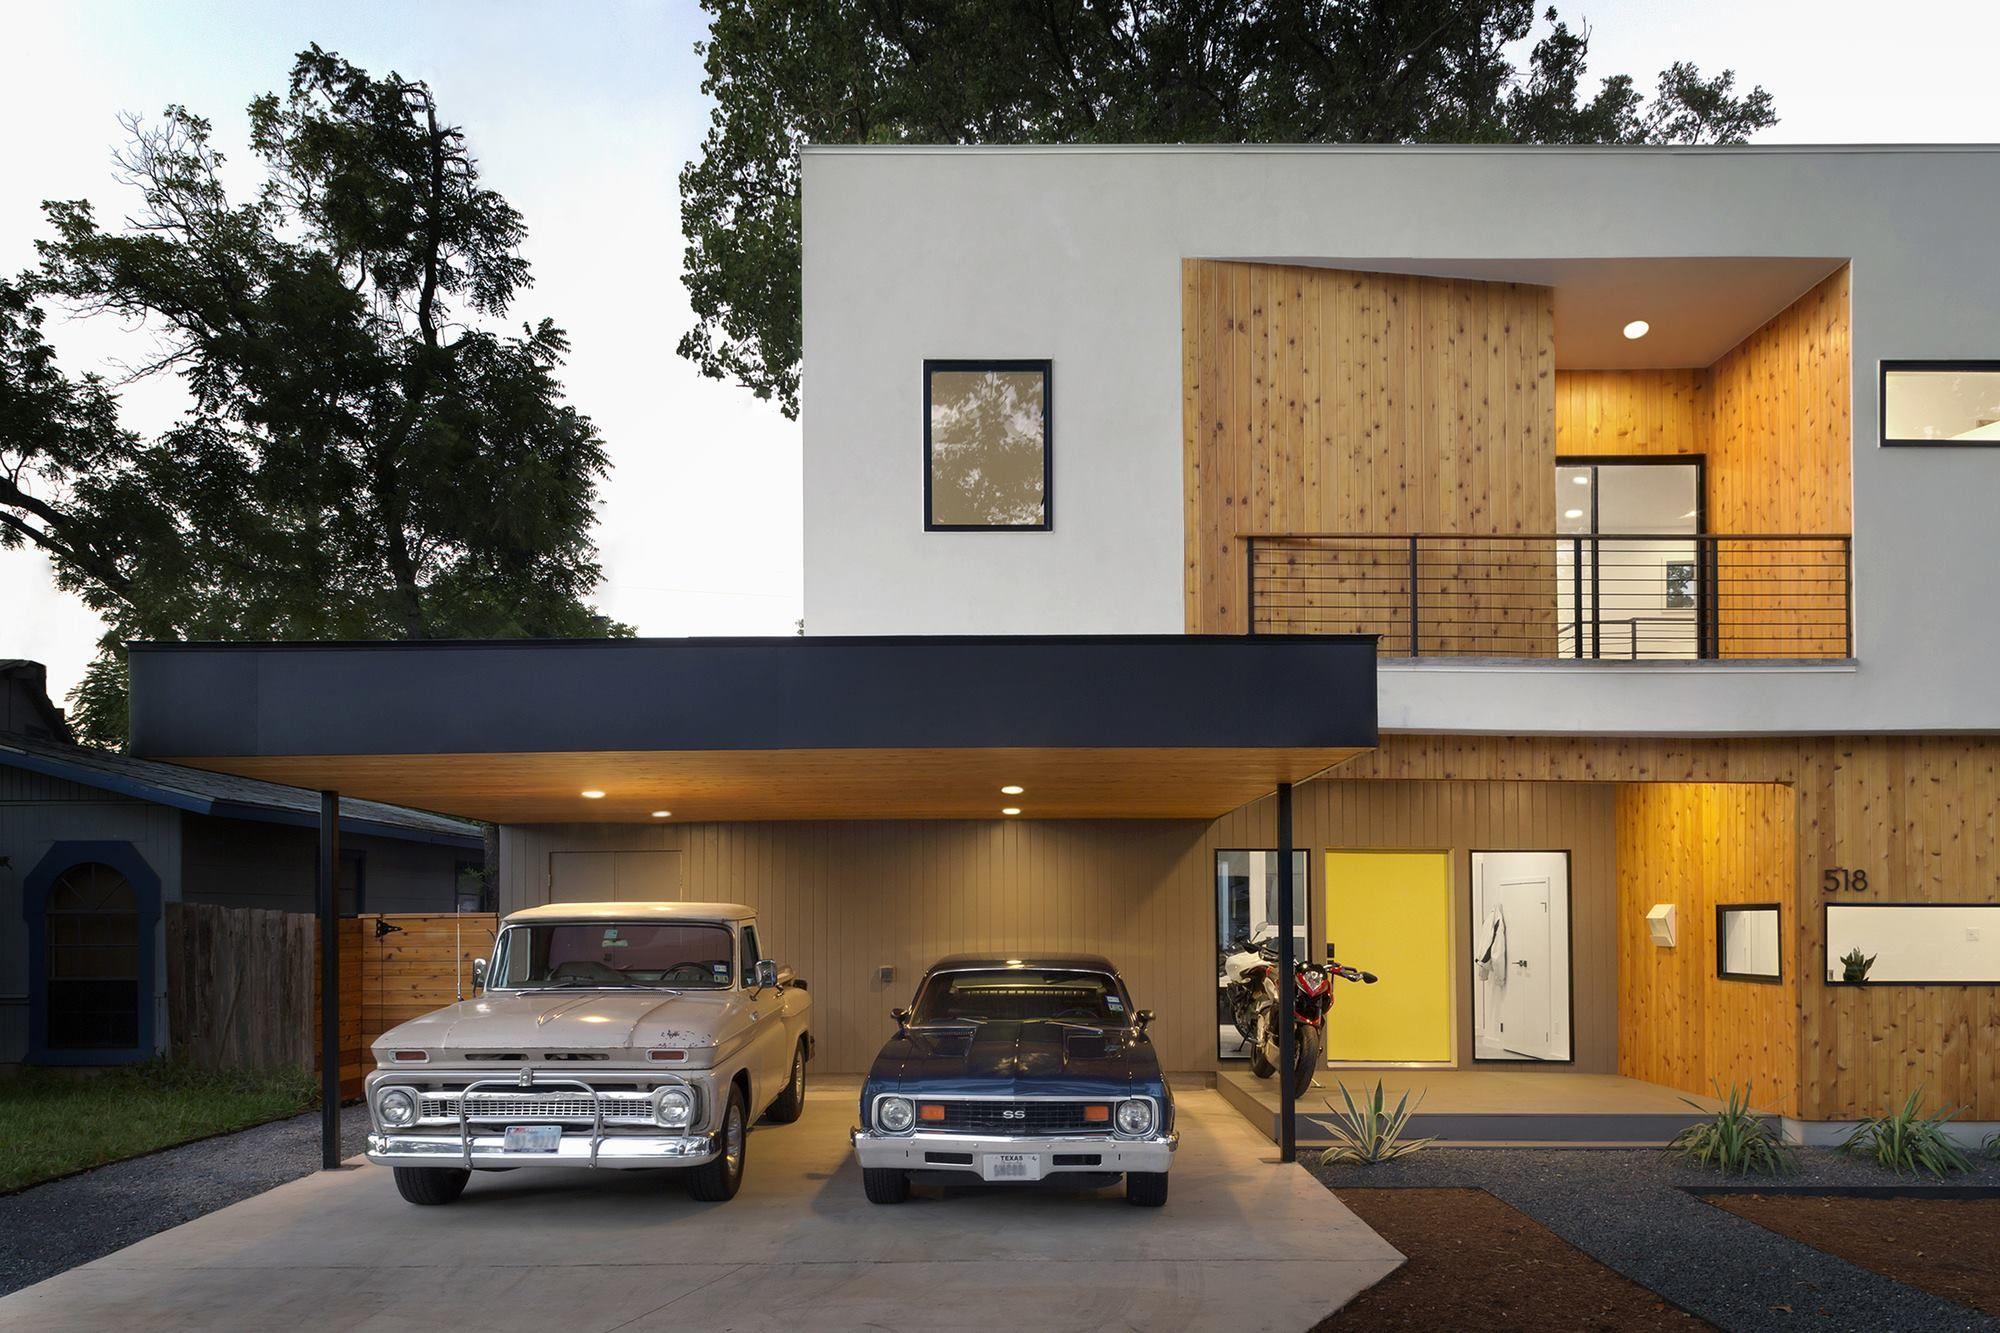 Abri d'auto pour deux voitures attaché à une maison à deux étages